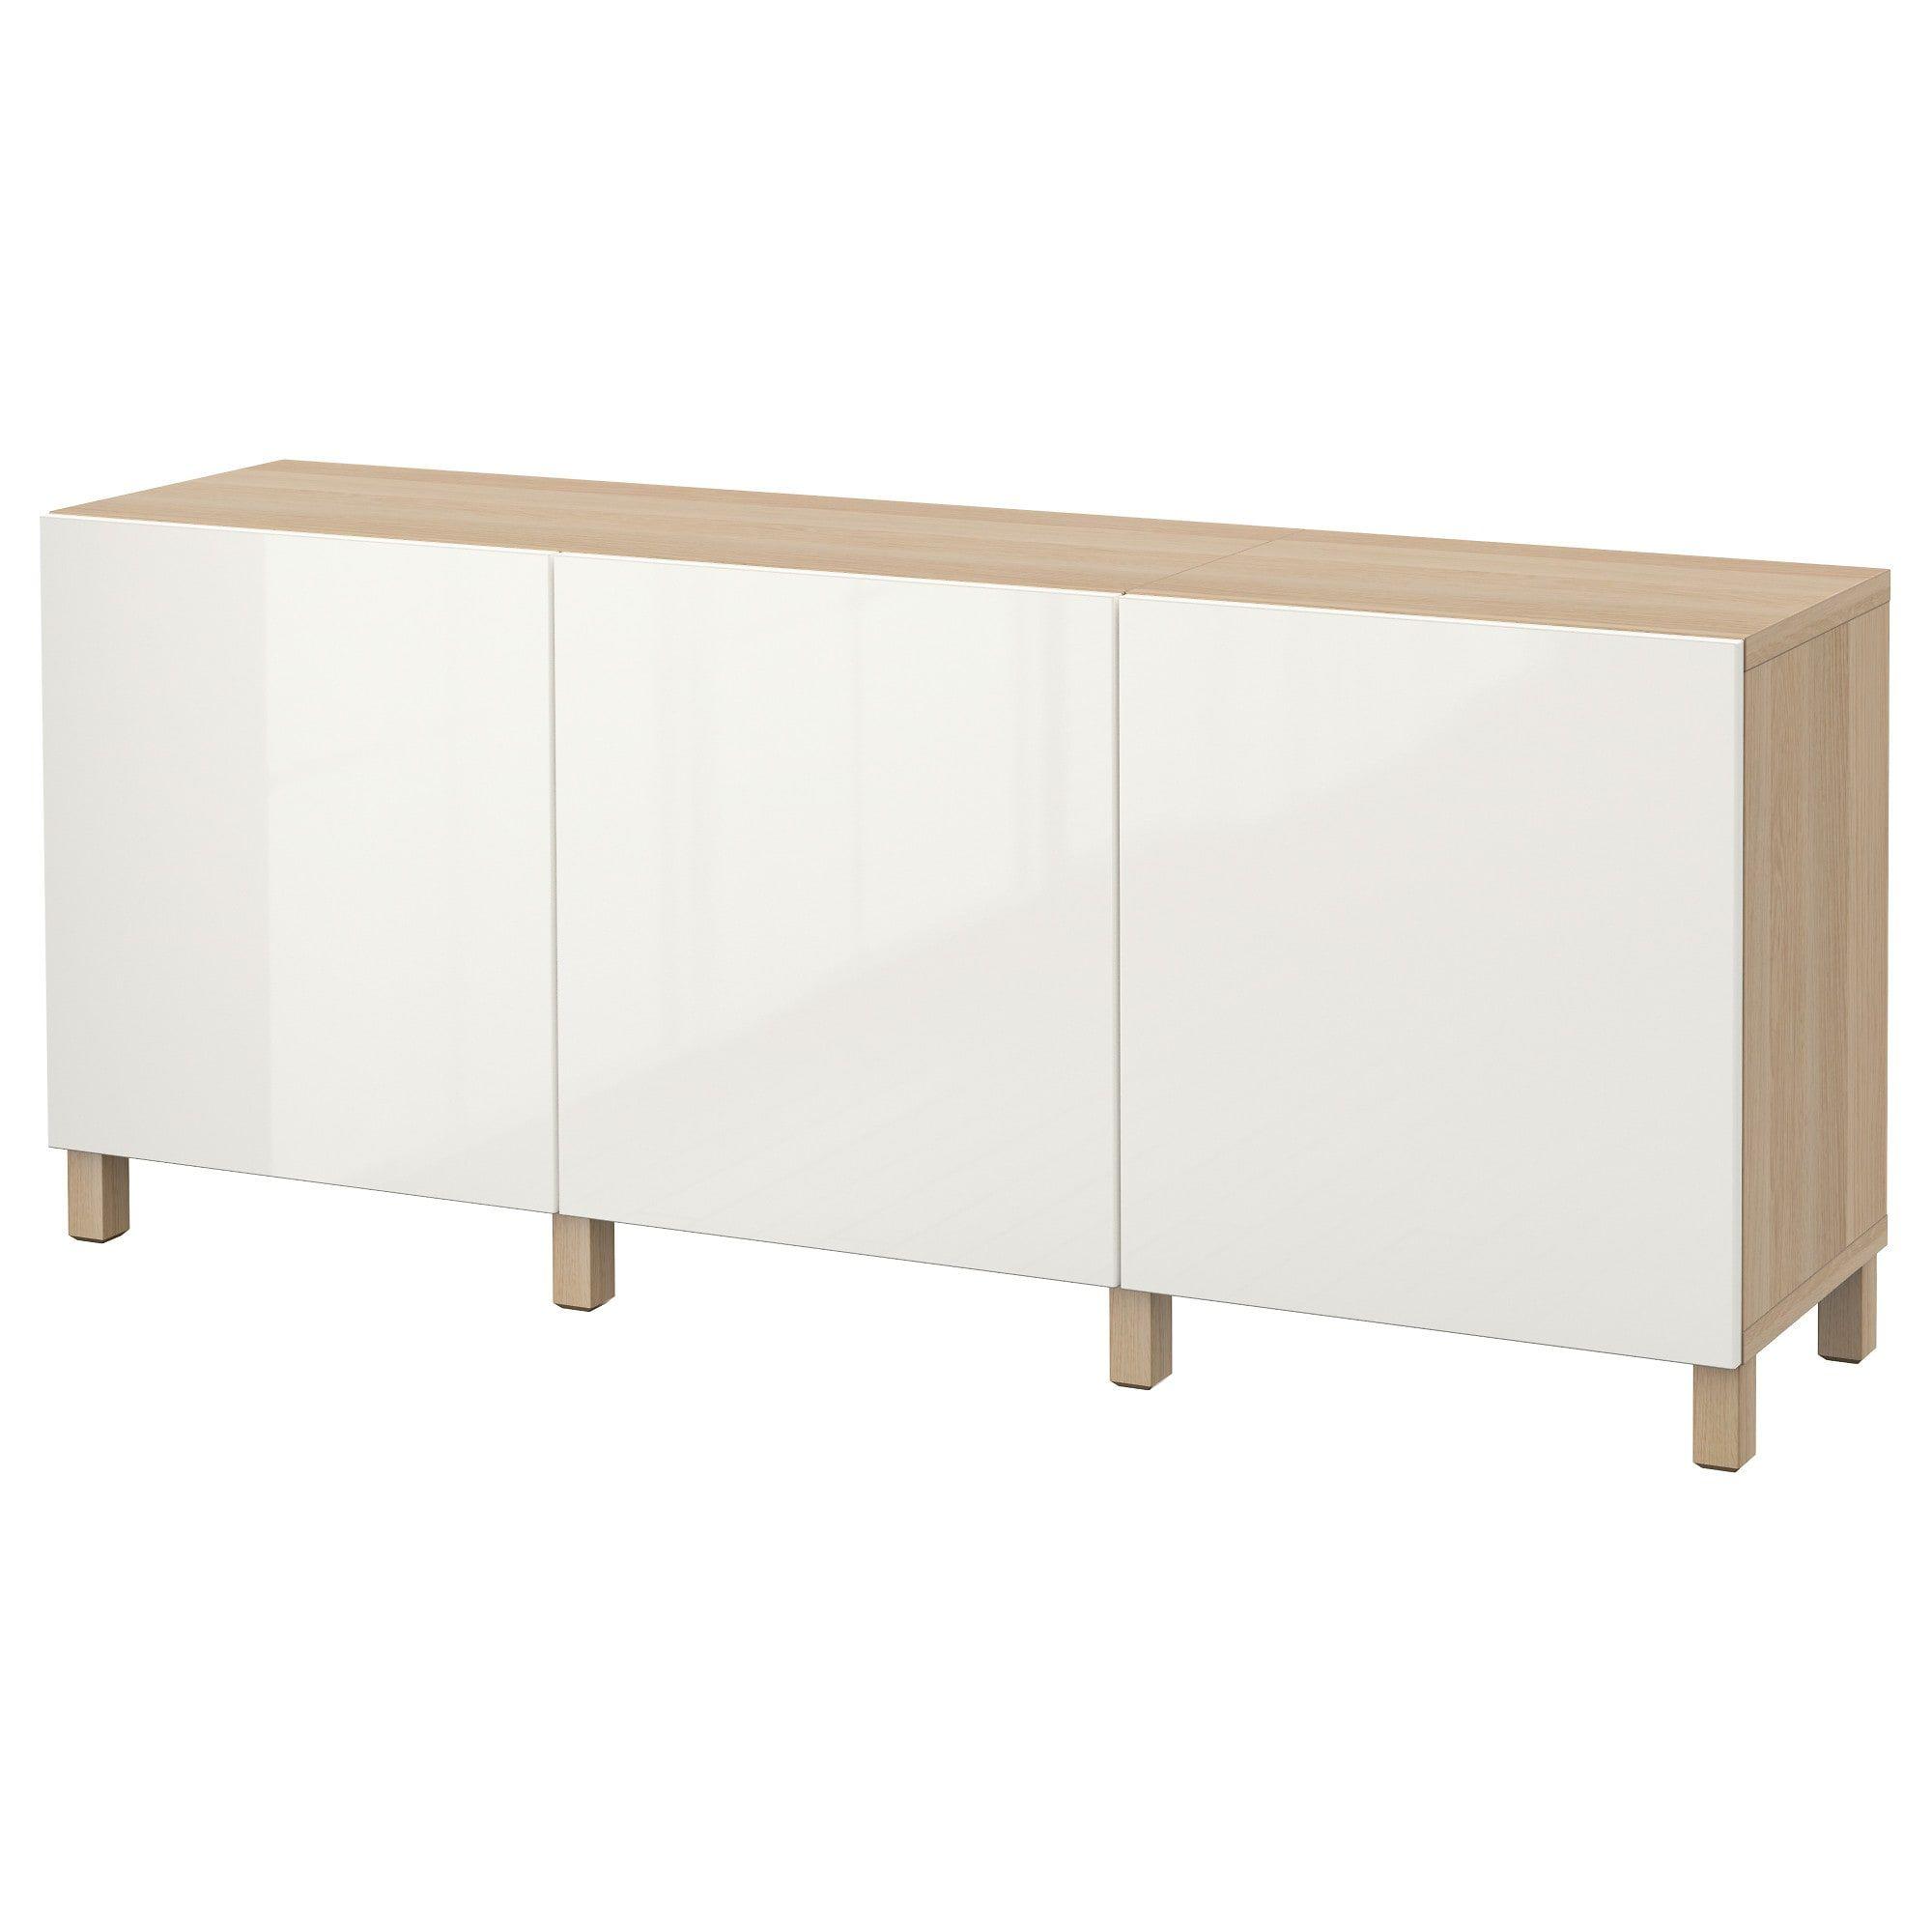 Besta Aufbewahrung Mit Turen Eicheneff Wlas Selsviken Hochglanz Weiss Ikea Basement Remodel Diy Storage